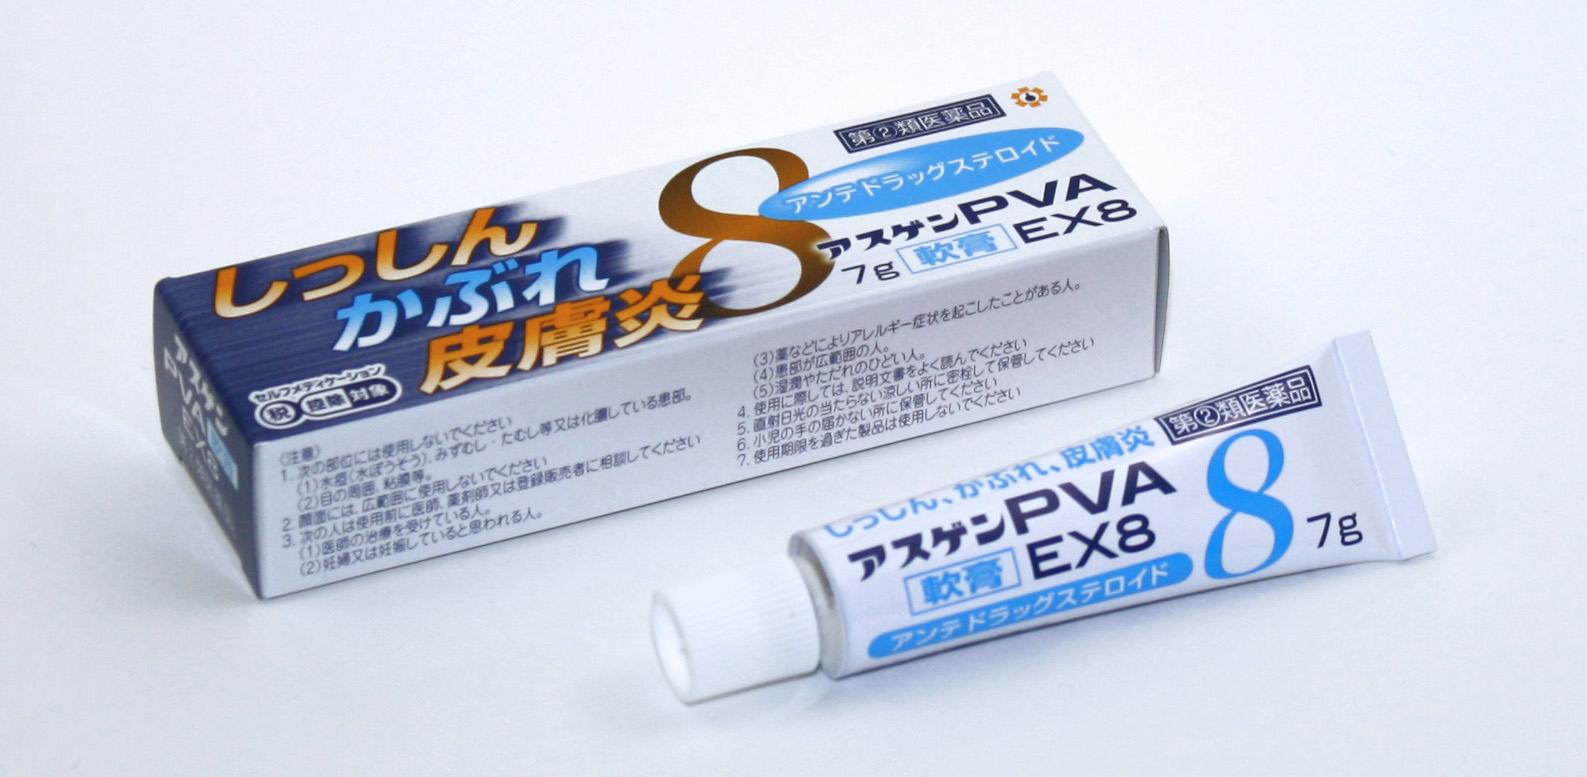 アスゲンPVA軟膏EX8